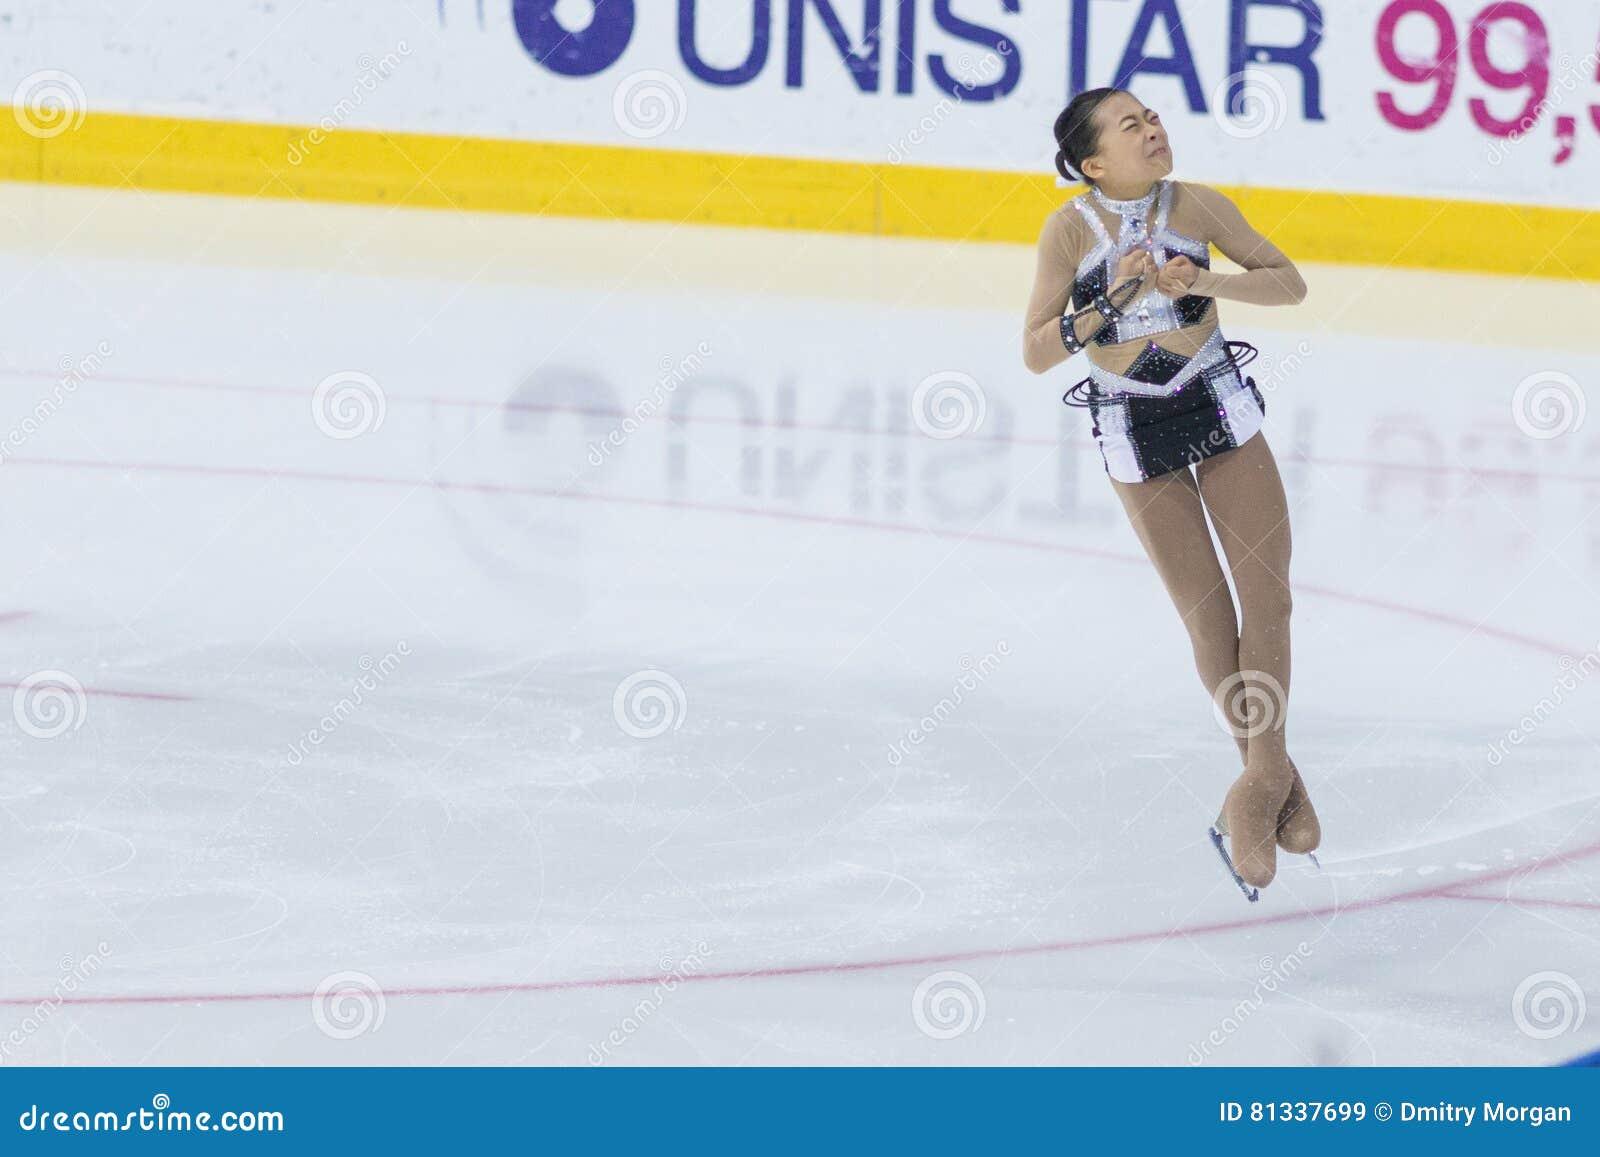 Frauenfigur-Schlittschuhläufer führt Damen-freies Eislaufprogramm Eis-Stern-am internationalen Eiskunstlaufwettbewerb durch